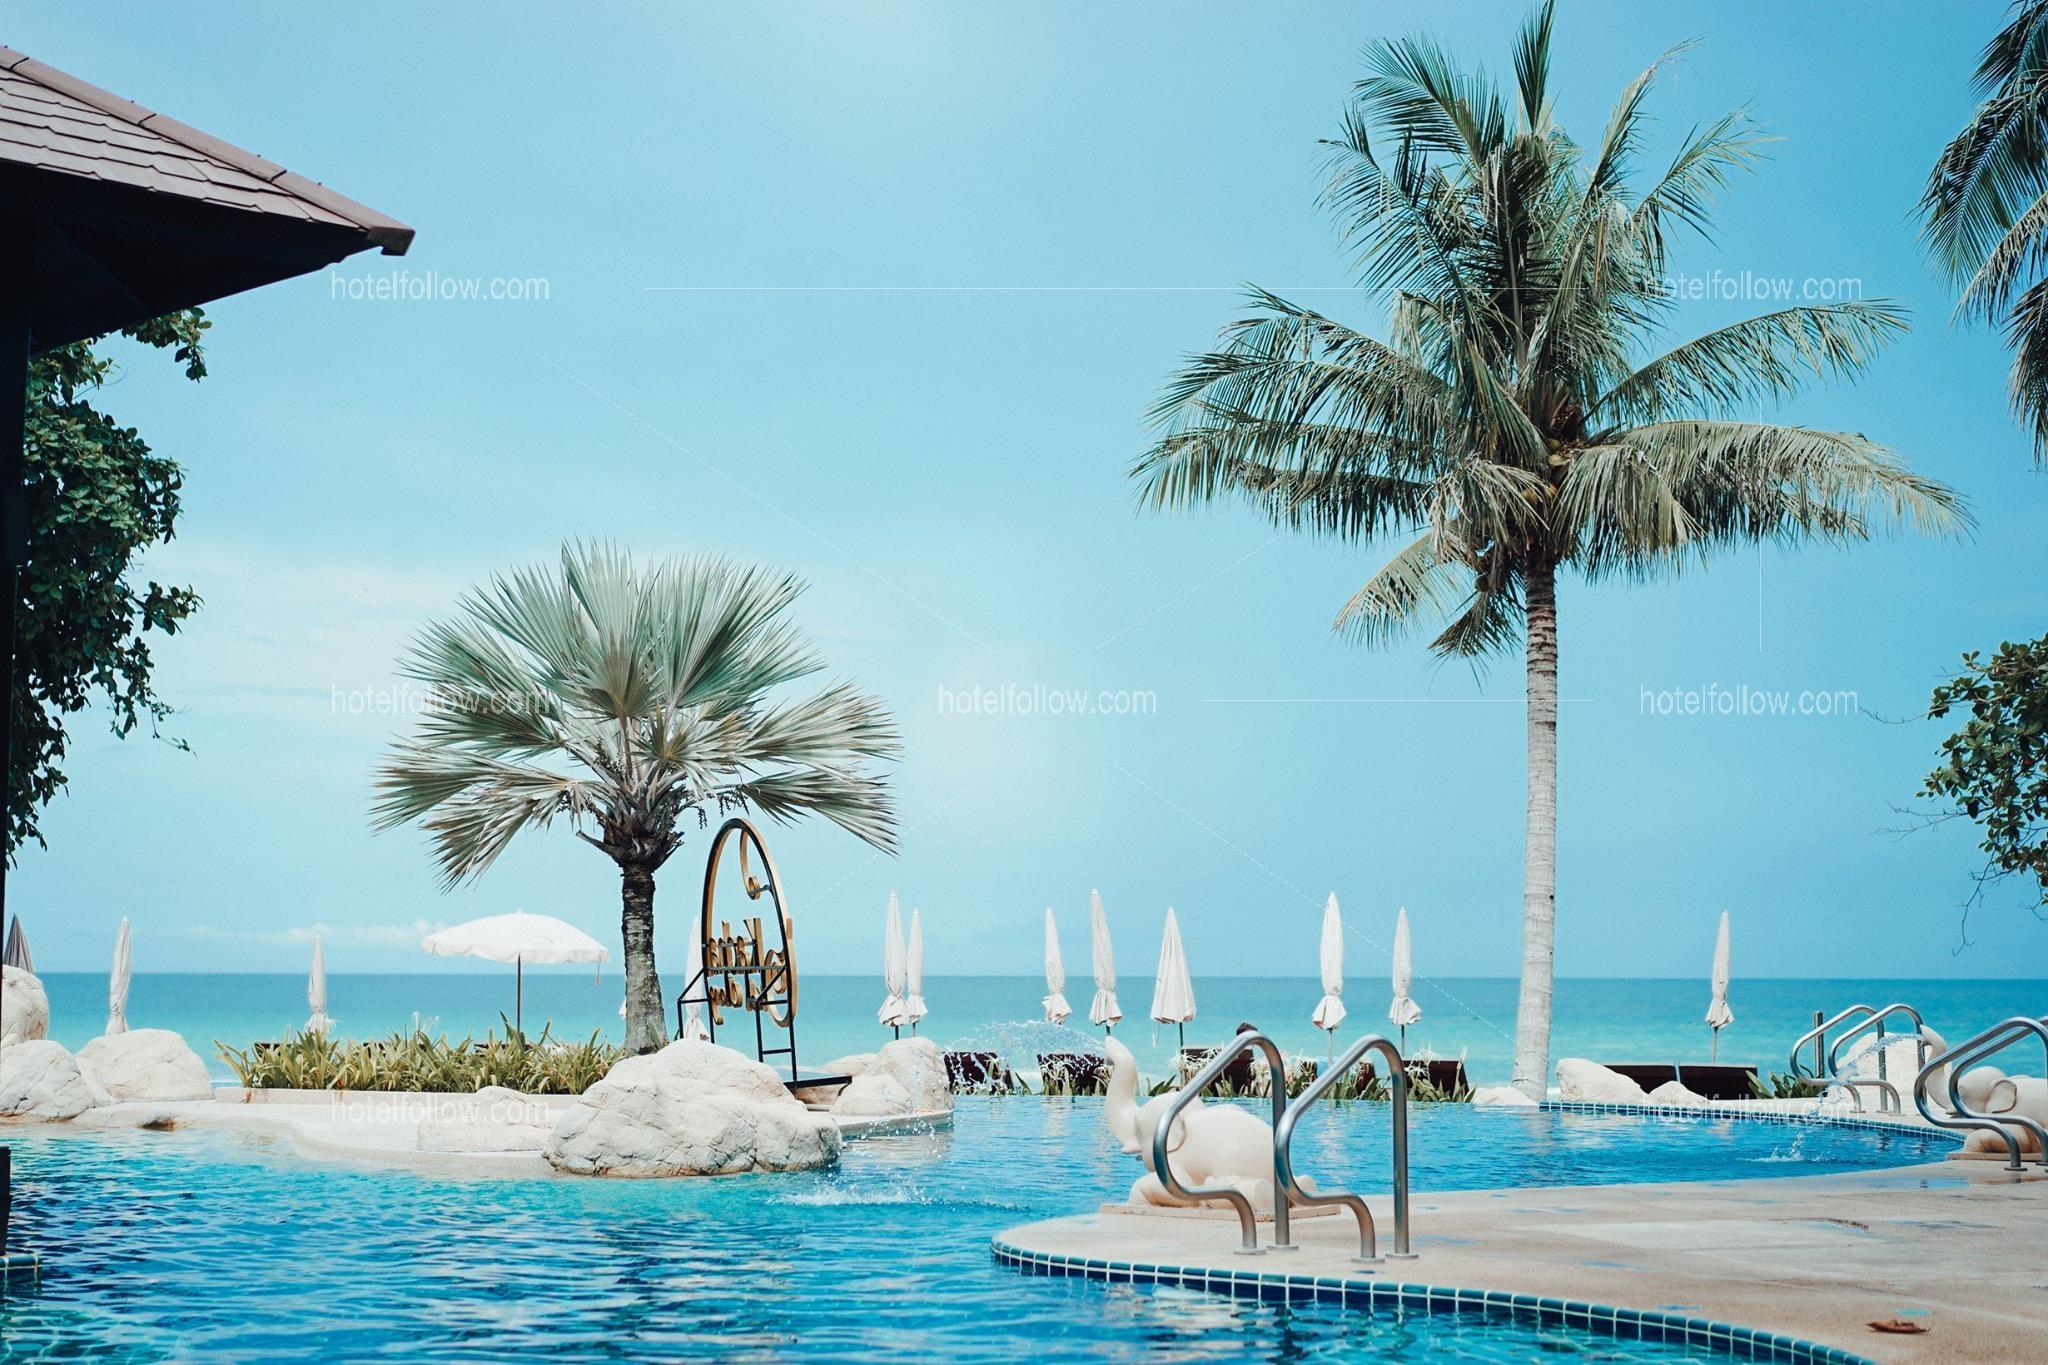 โรงแรม เกาะช้าง คชา รีสอร์ท แอนด์ สปา หาดทรายขาว